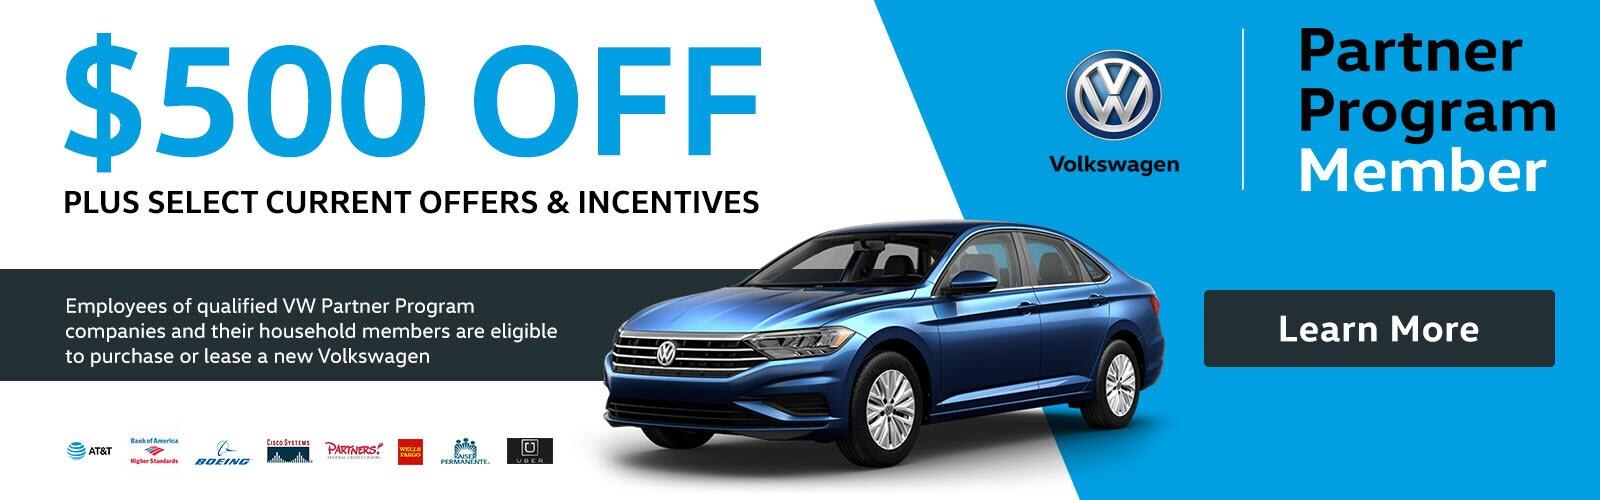 Mckenna Volkswagen Cerritos New Used Vw Dealer In Cerritos Ca